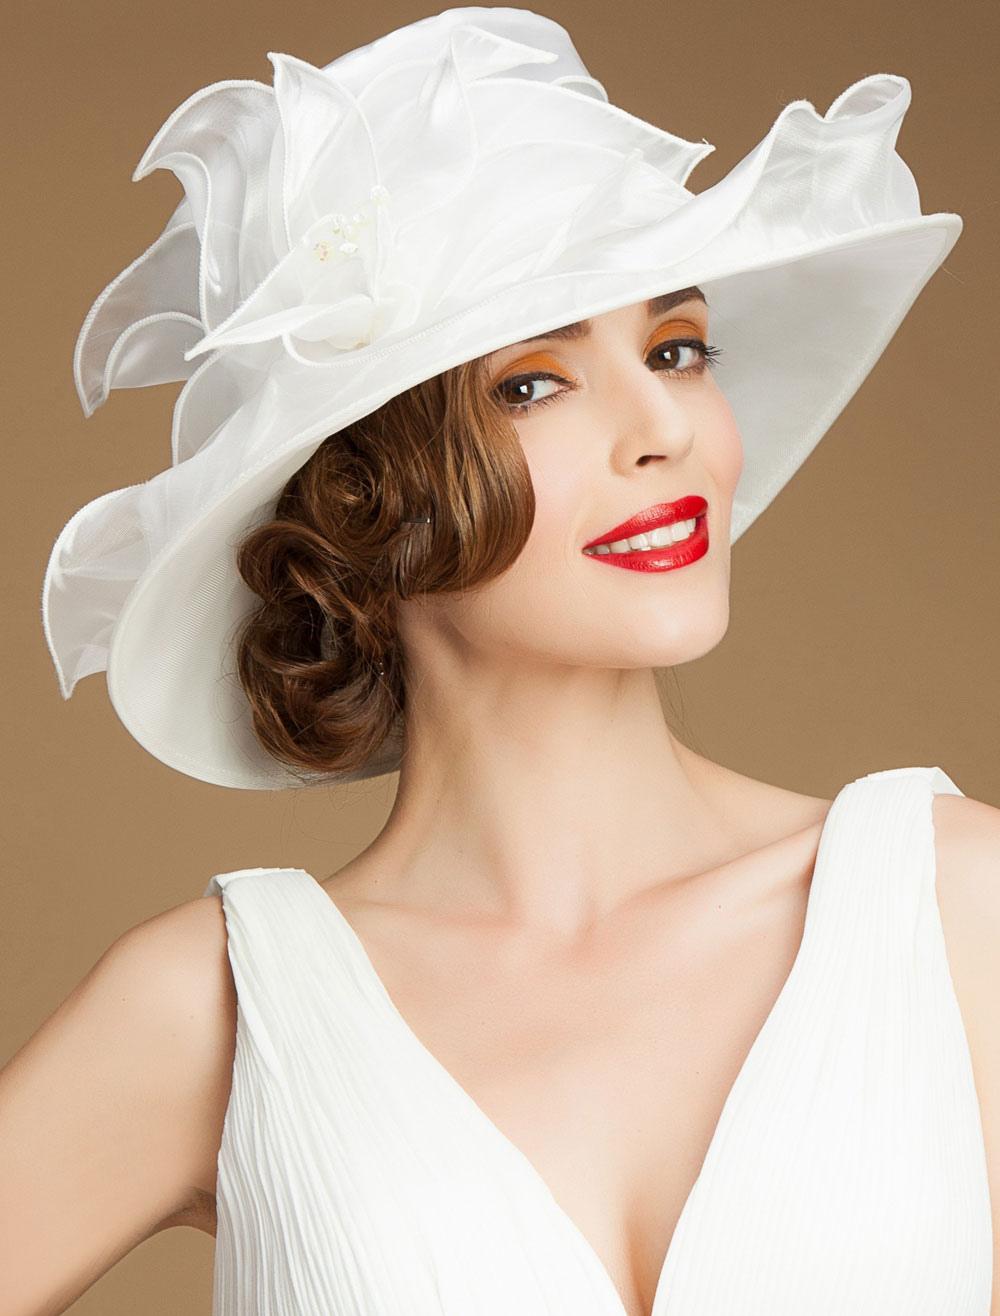 chic cosplay chapeau pour femme en fibre polyester blanc f te de mariage de film chapeau. Black Bedroom Furniture Sets. Home Design Ideas